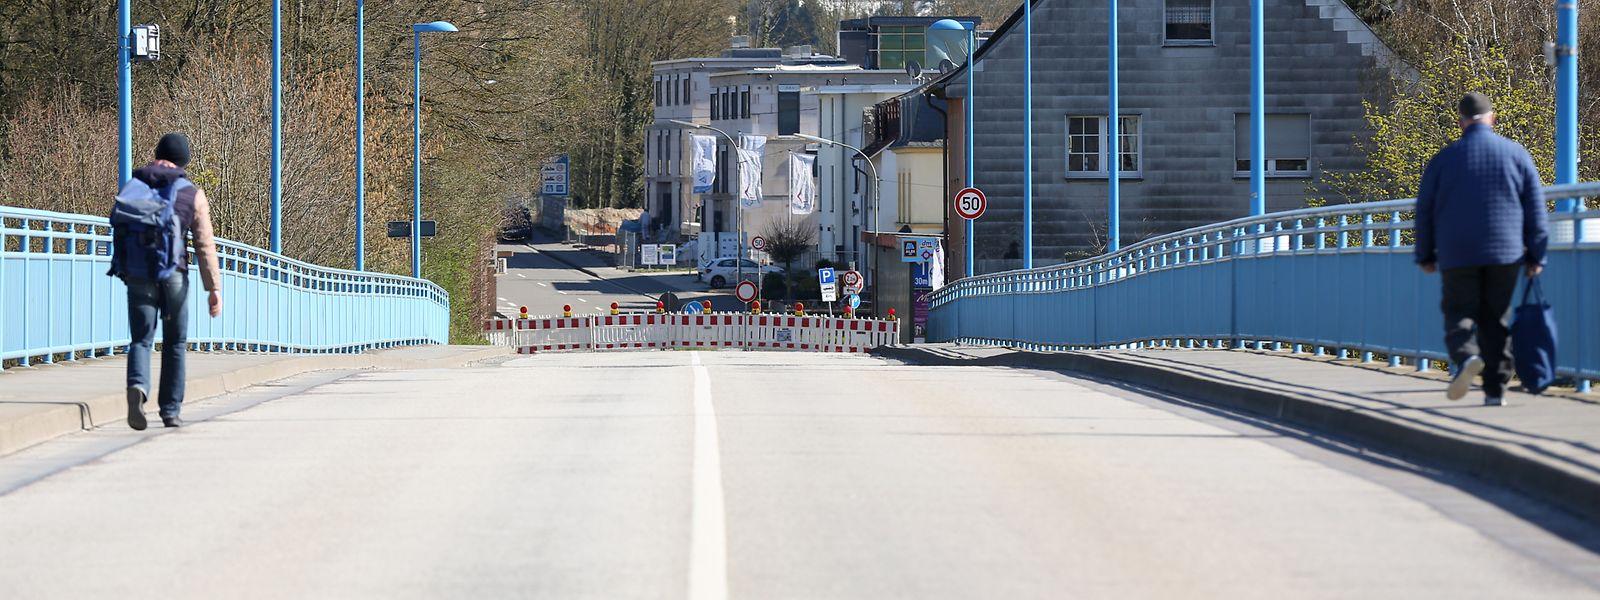 Kleinere grenzüberschreitende Verbindungsstraßen wie jene von Remich nach Perl sind seit vergangener Woche geschlossen.